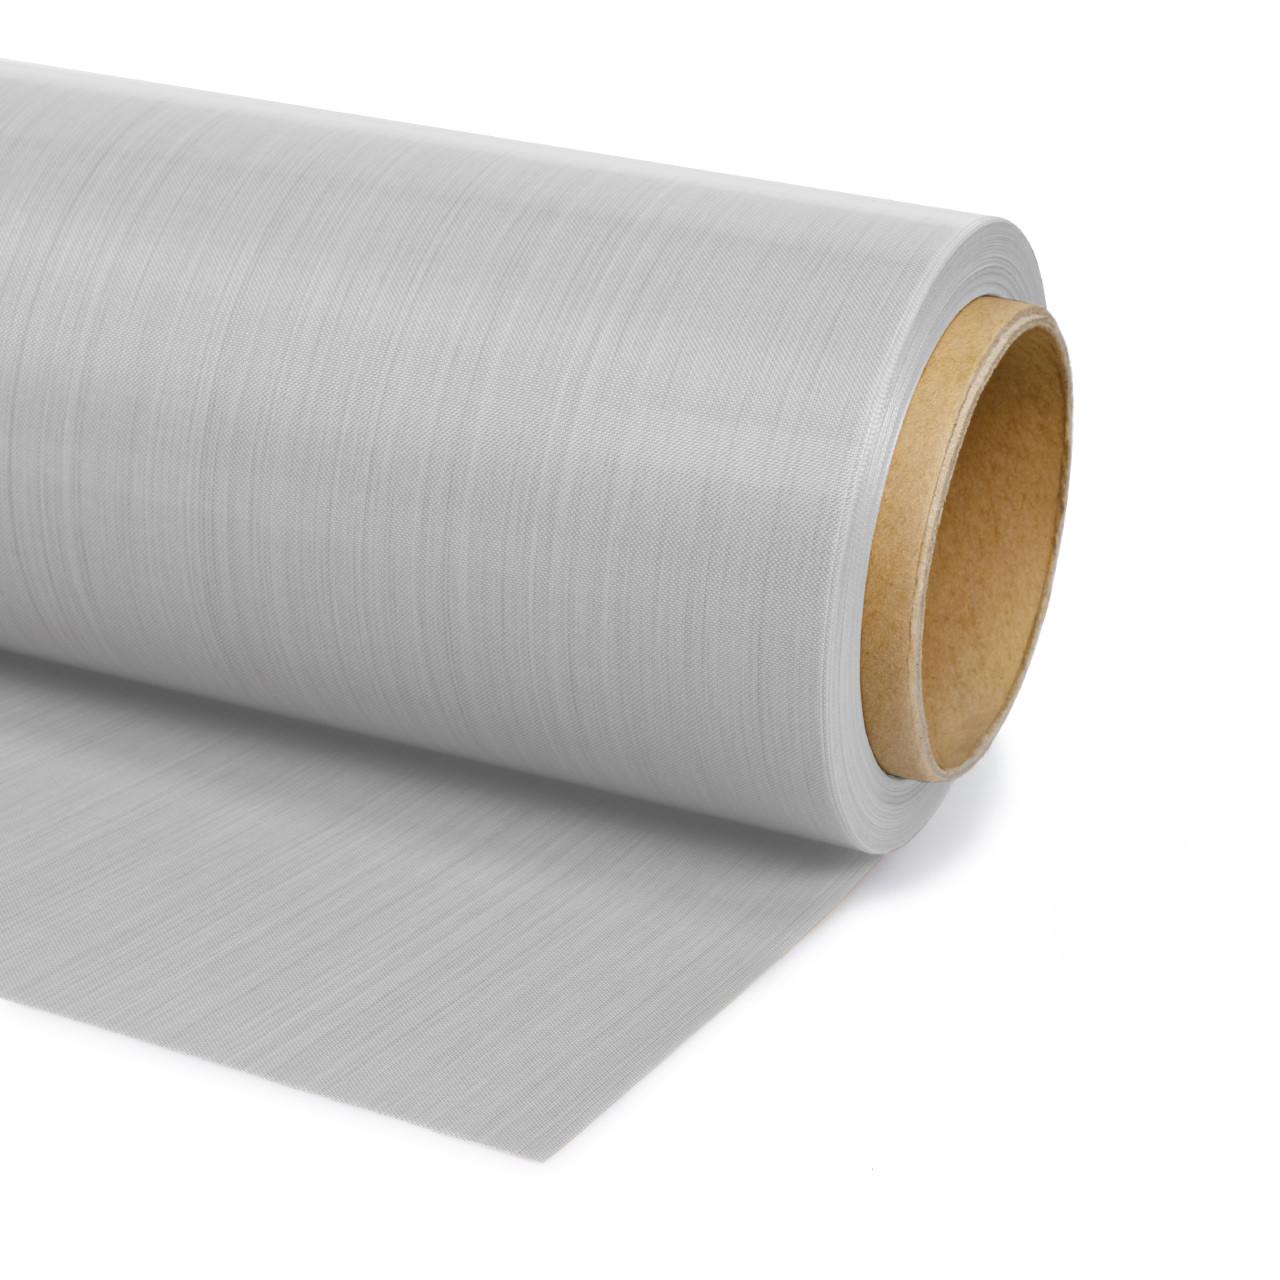 Тефлоновая лента толщина 0.13 мм белая PRC